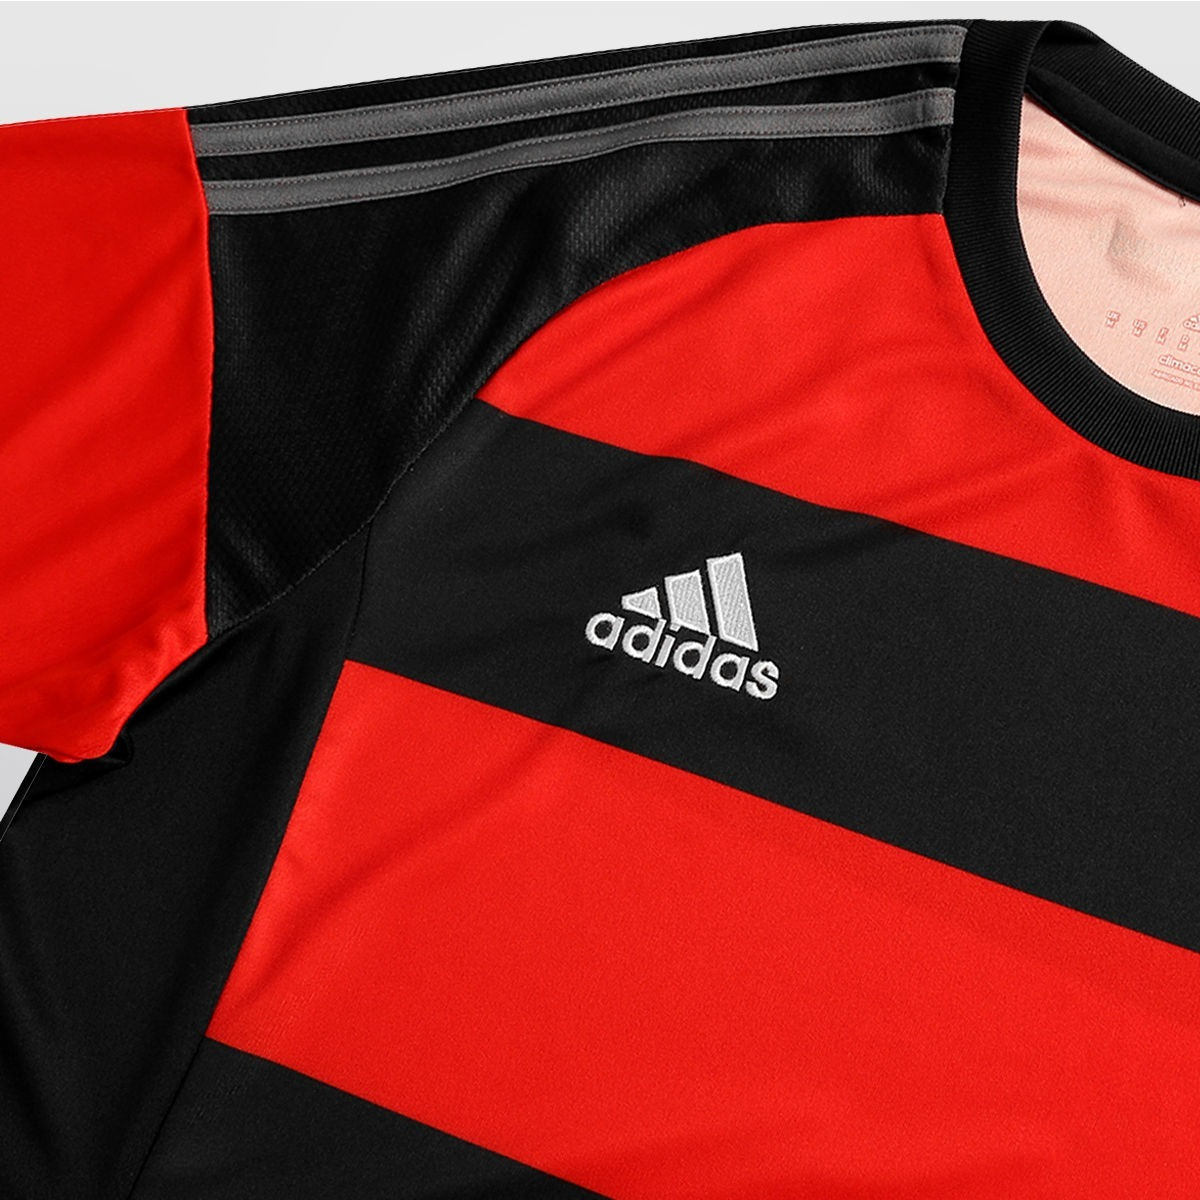 c701671e2e camisa adidas flamengo 2015 16 uniforme 1. Carregando zoom.